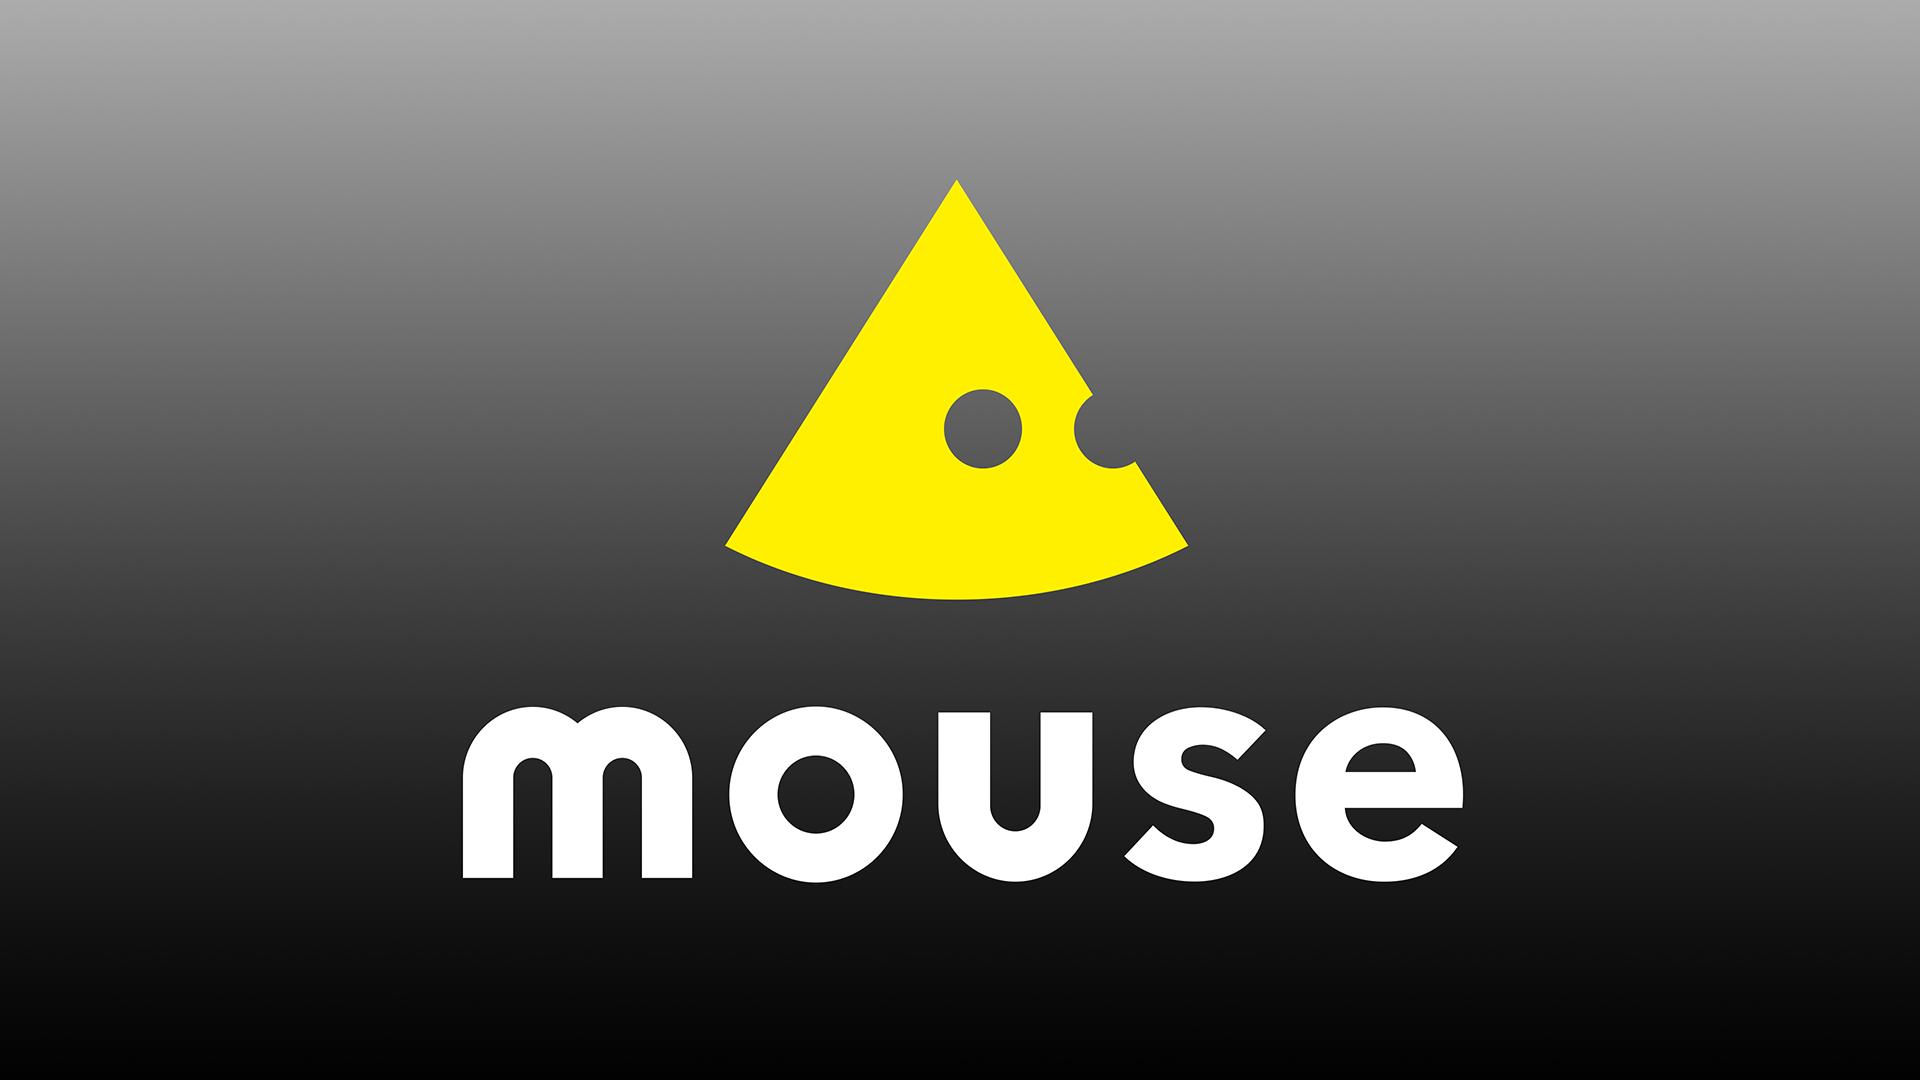 mouseコンピューターを徹底調査!おすすめの機種ベスト3は??